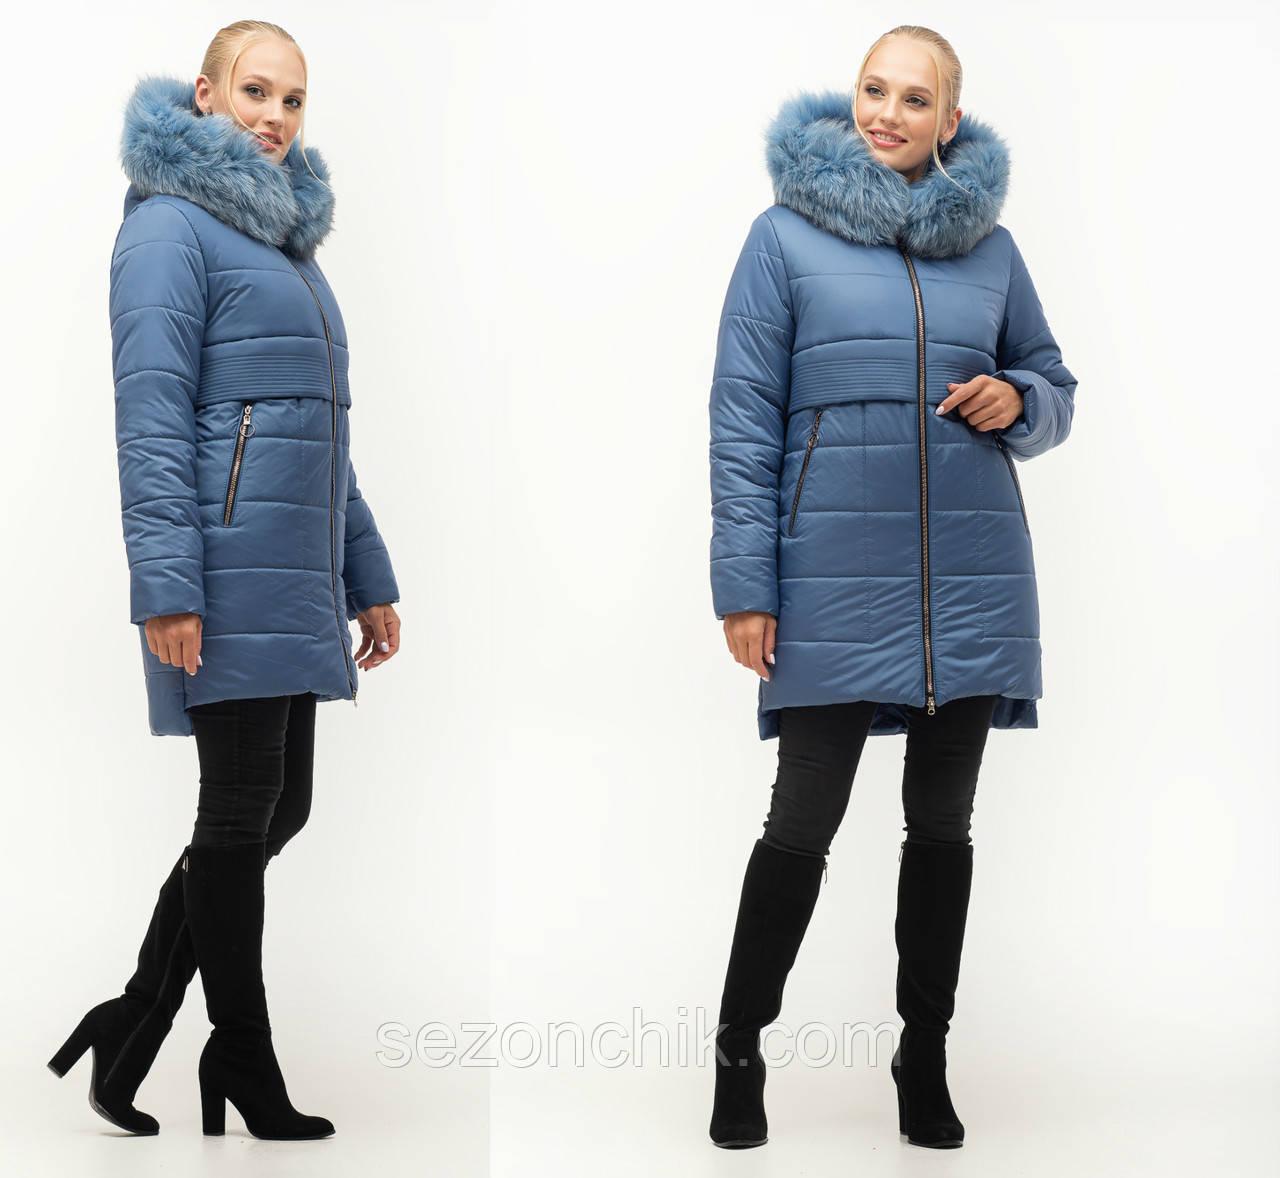 Зимняя женская куртка пуховик фото